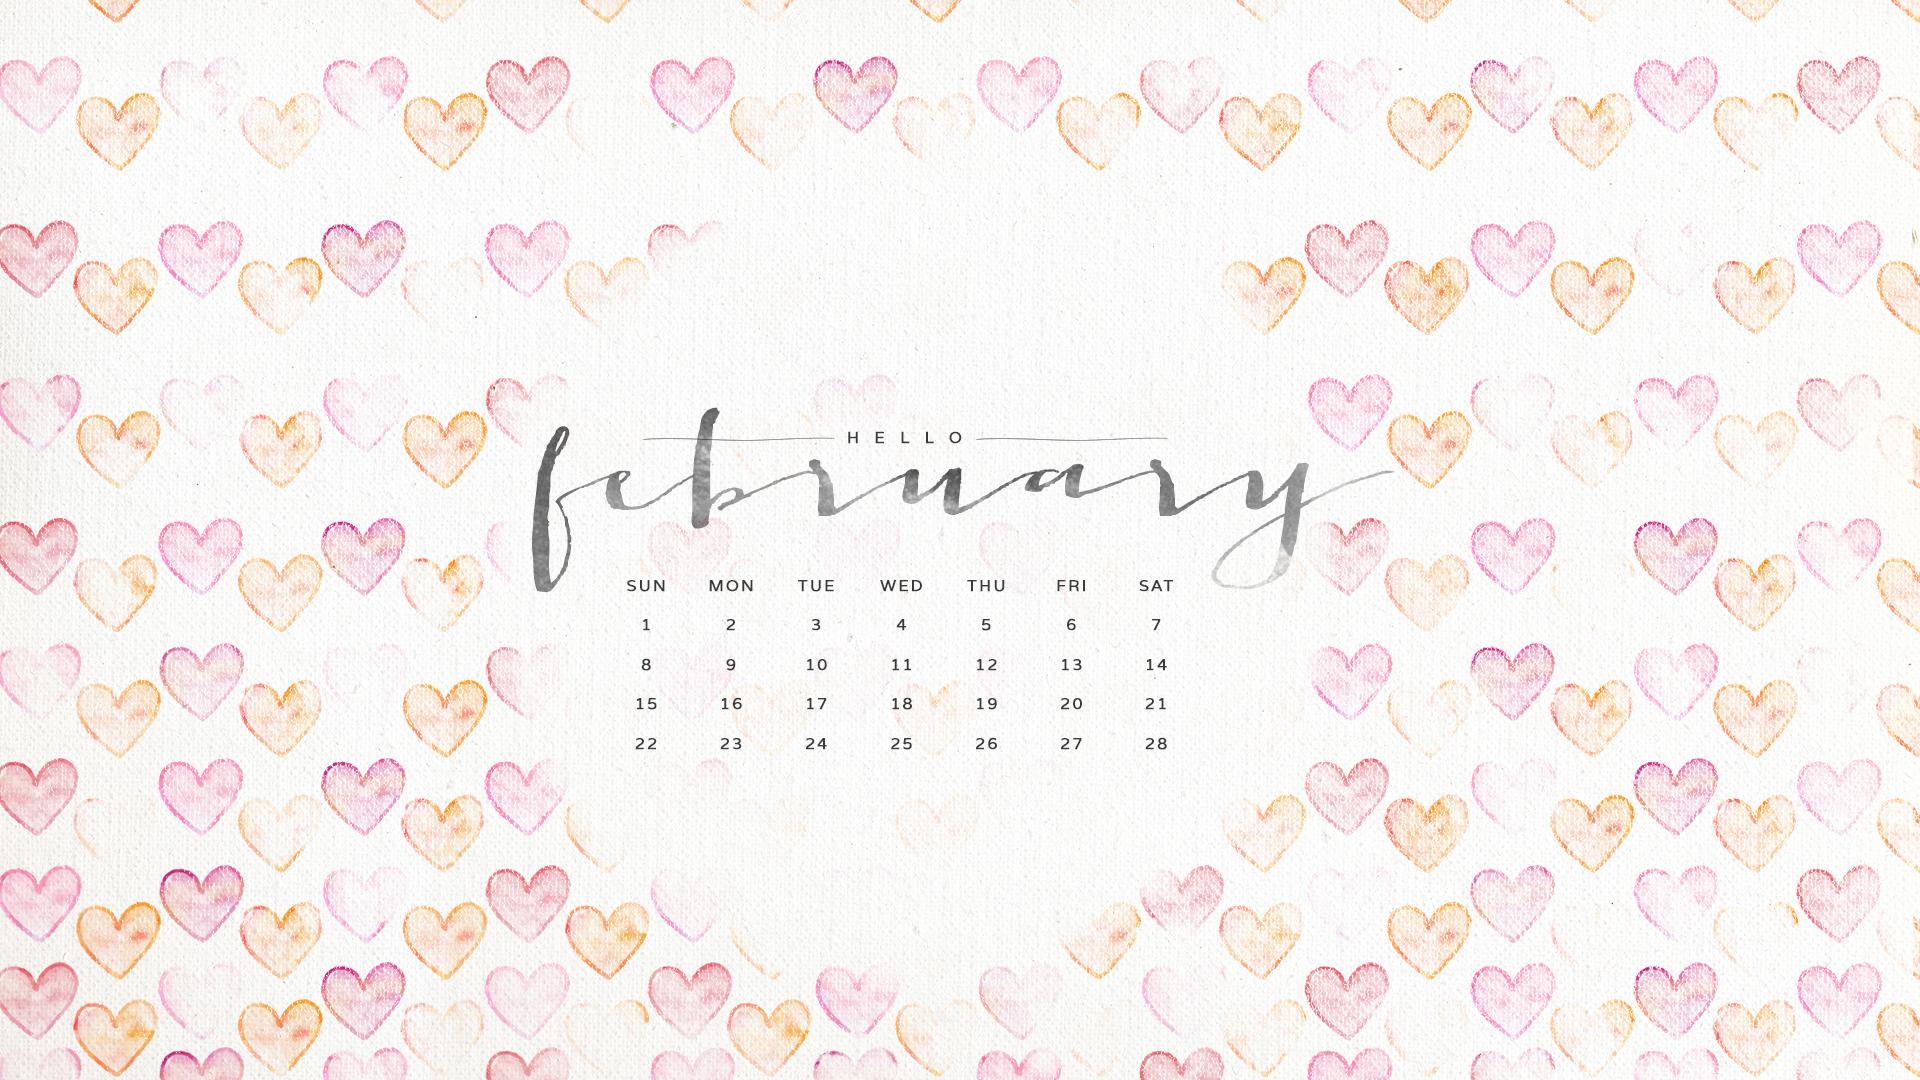 February calendar 2015 wallpaper   HD Wallpapers 1920x1080